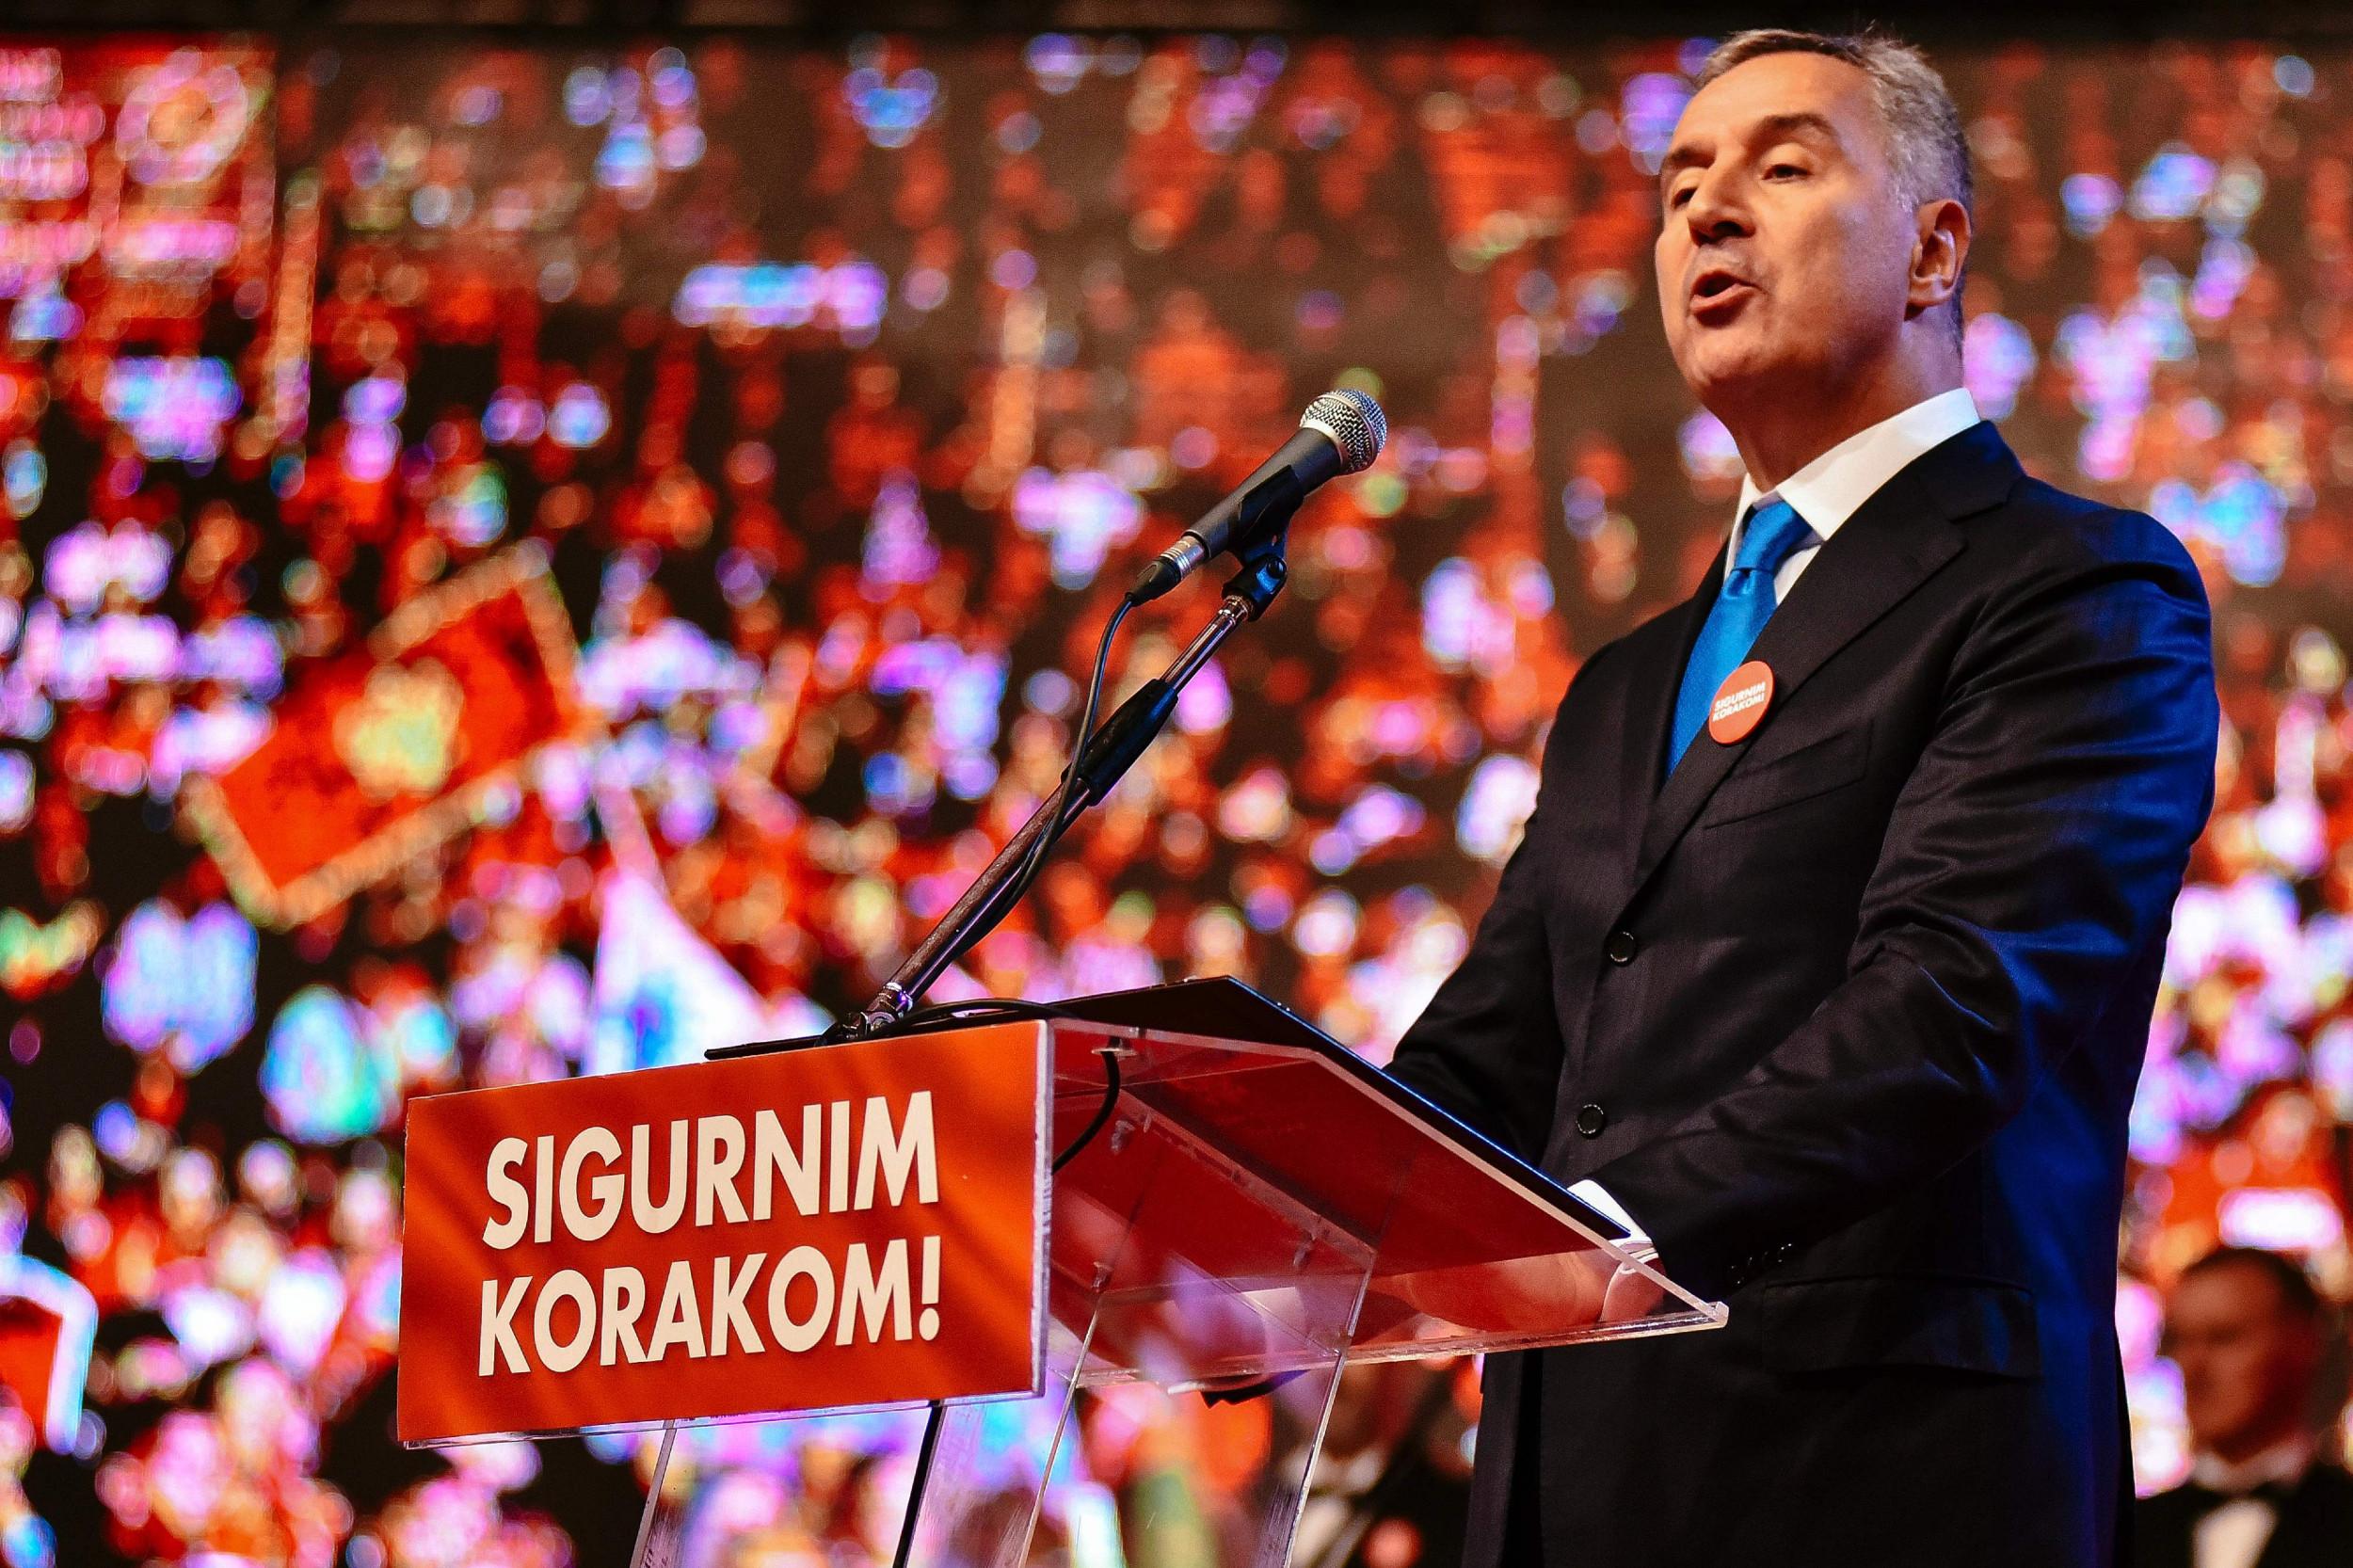 Црногорски председник Мило Ђукановић говори на једном скупу Демократске партије социјалиста (Фото: Getty Images)